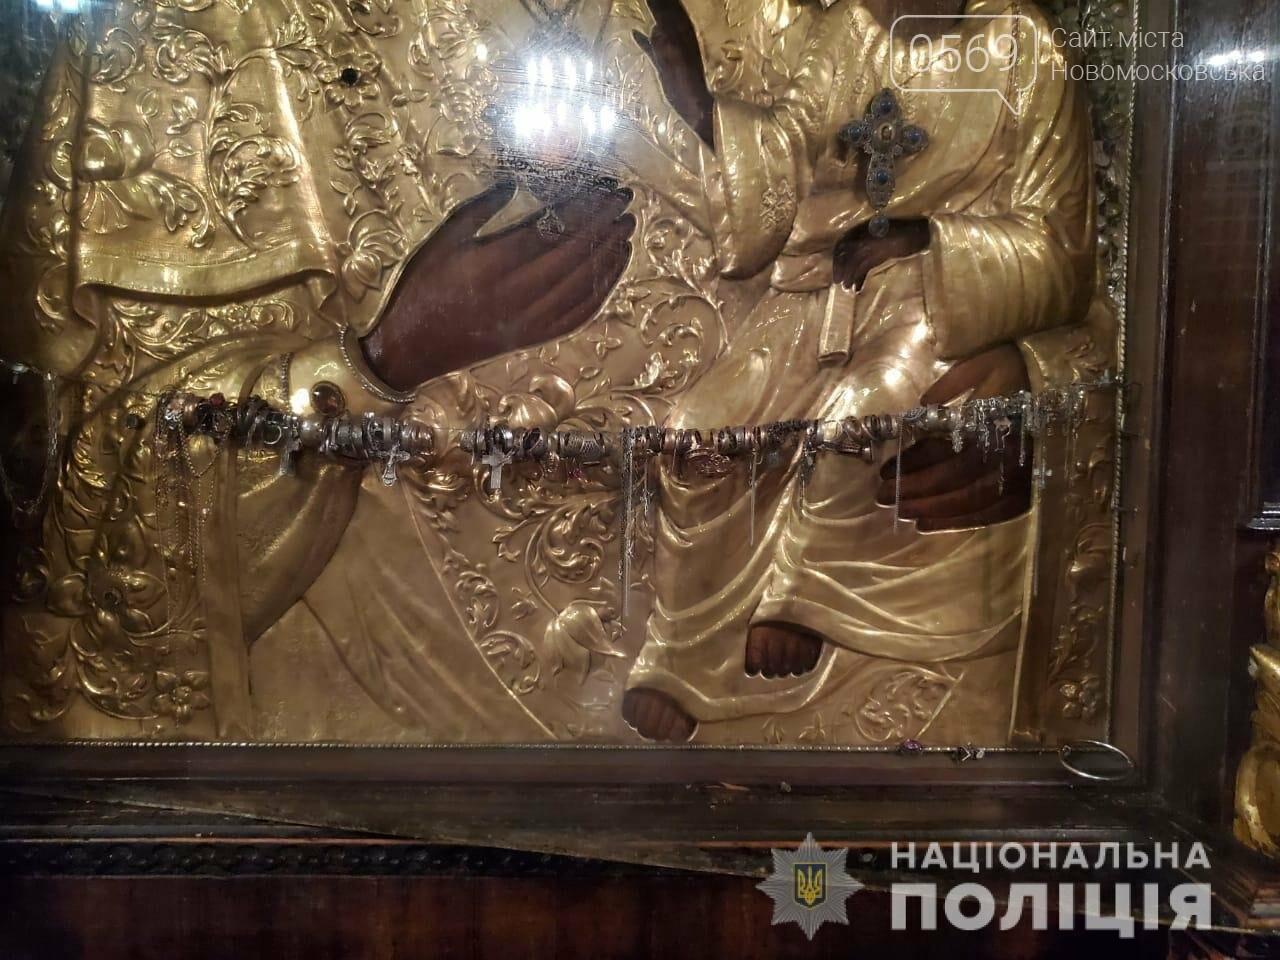 У Дніпрі поліція затримала жінку, яка викрала золоті прикраси з ікон у Свято-Троїцькому соборі, фото-3